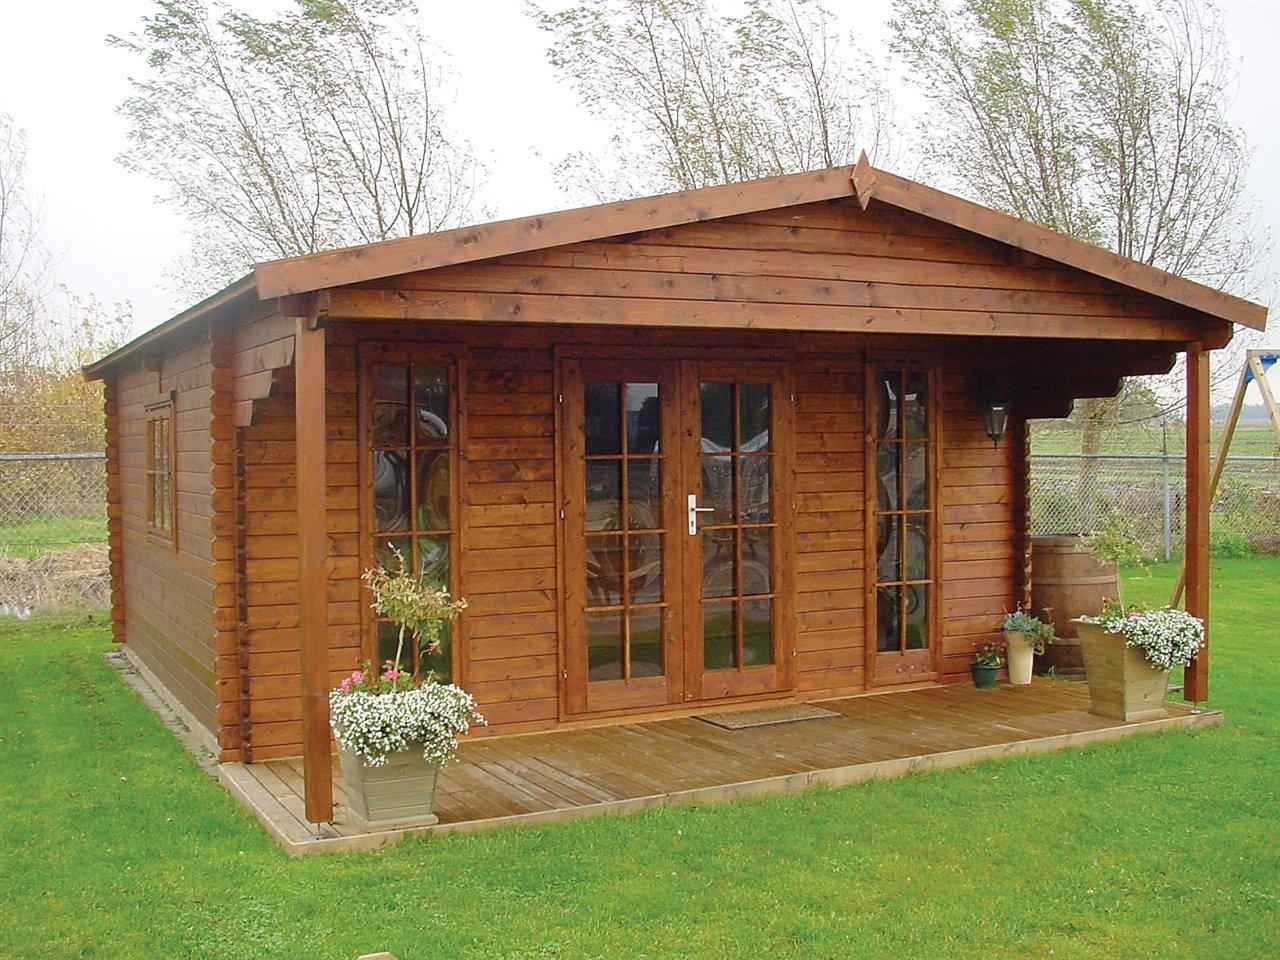 Строительство деревянного дома своими руками - Строим 56